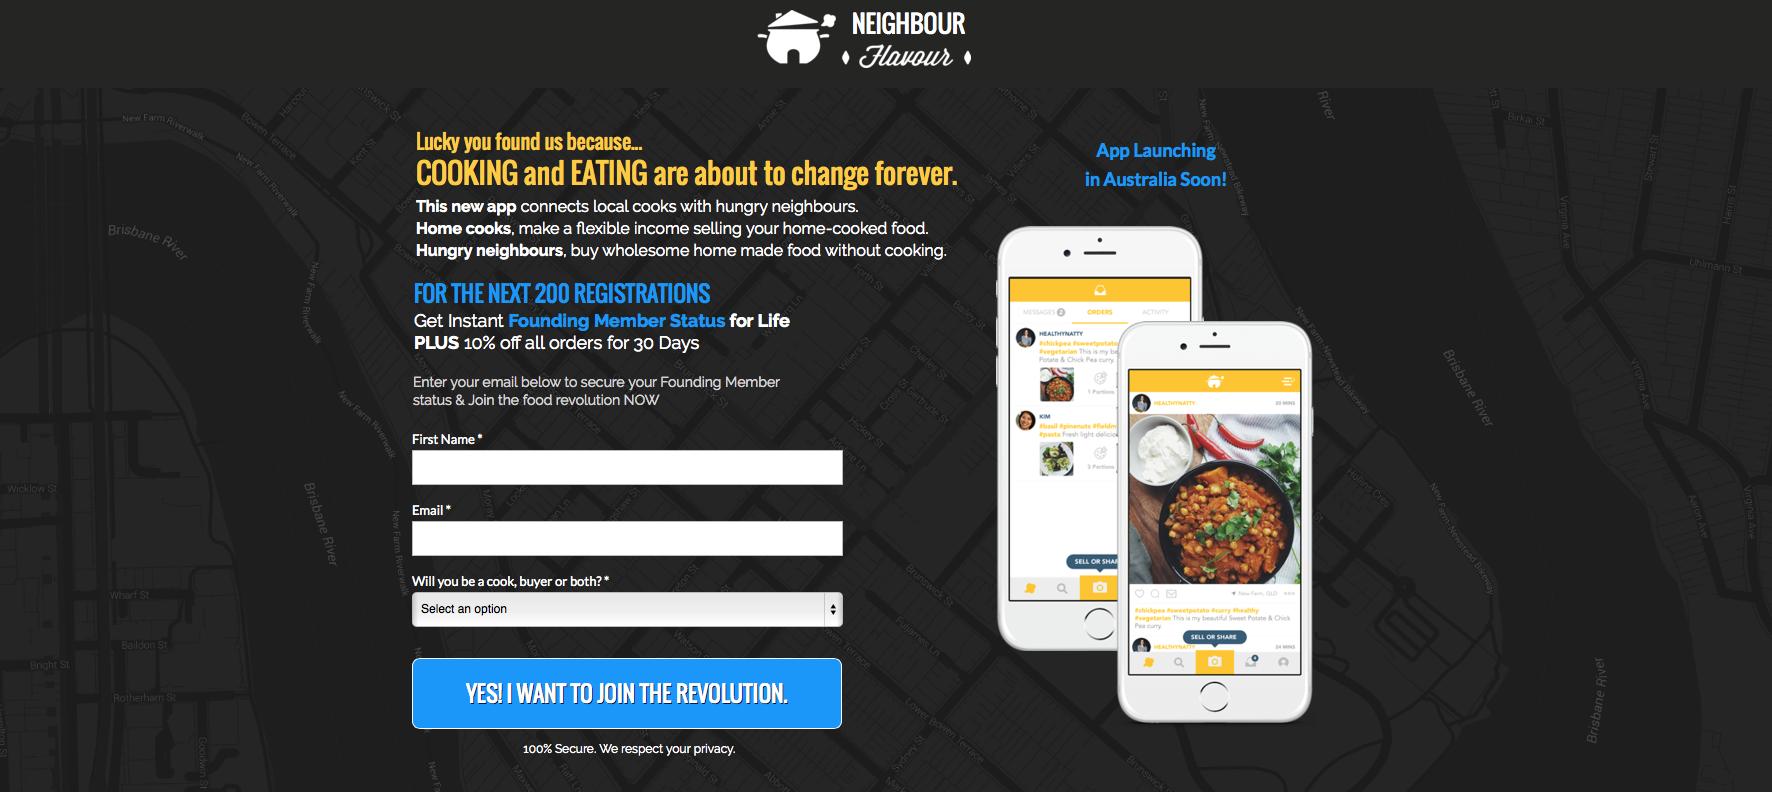 Neigbour Flavour Mobile App